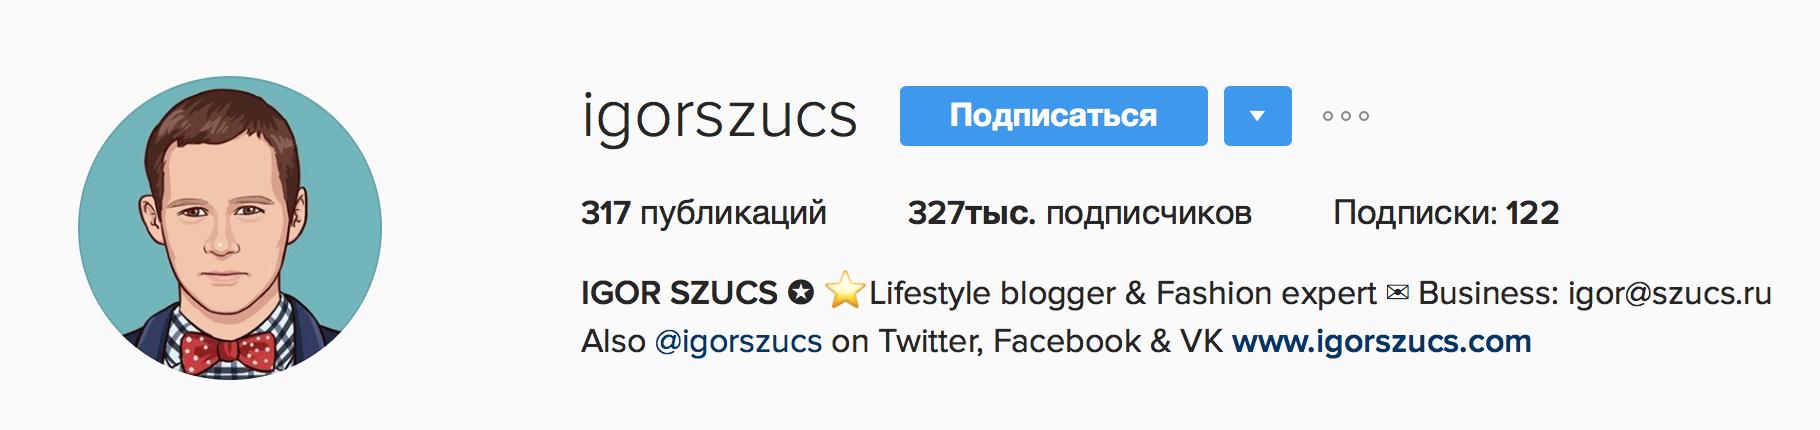 «Привет, я профессиональный блогер, где вы спрятали деньги?»